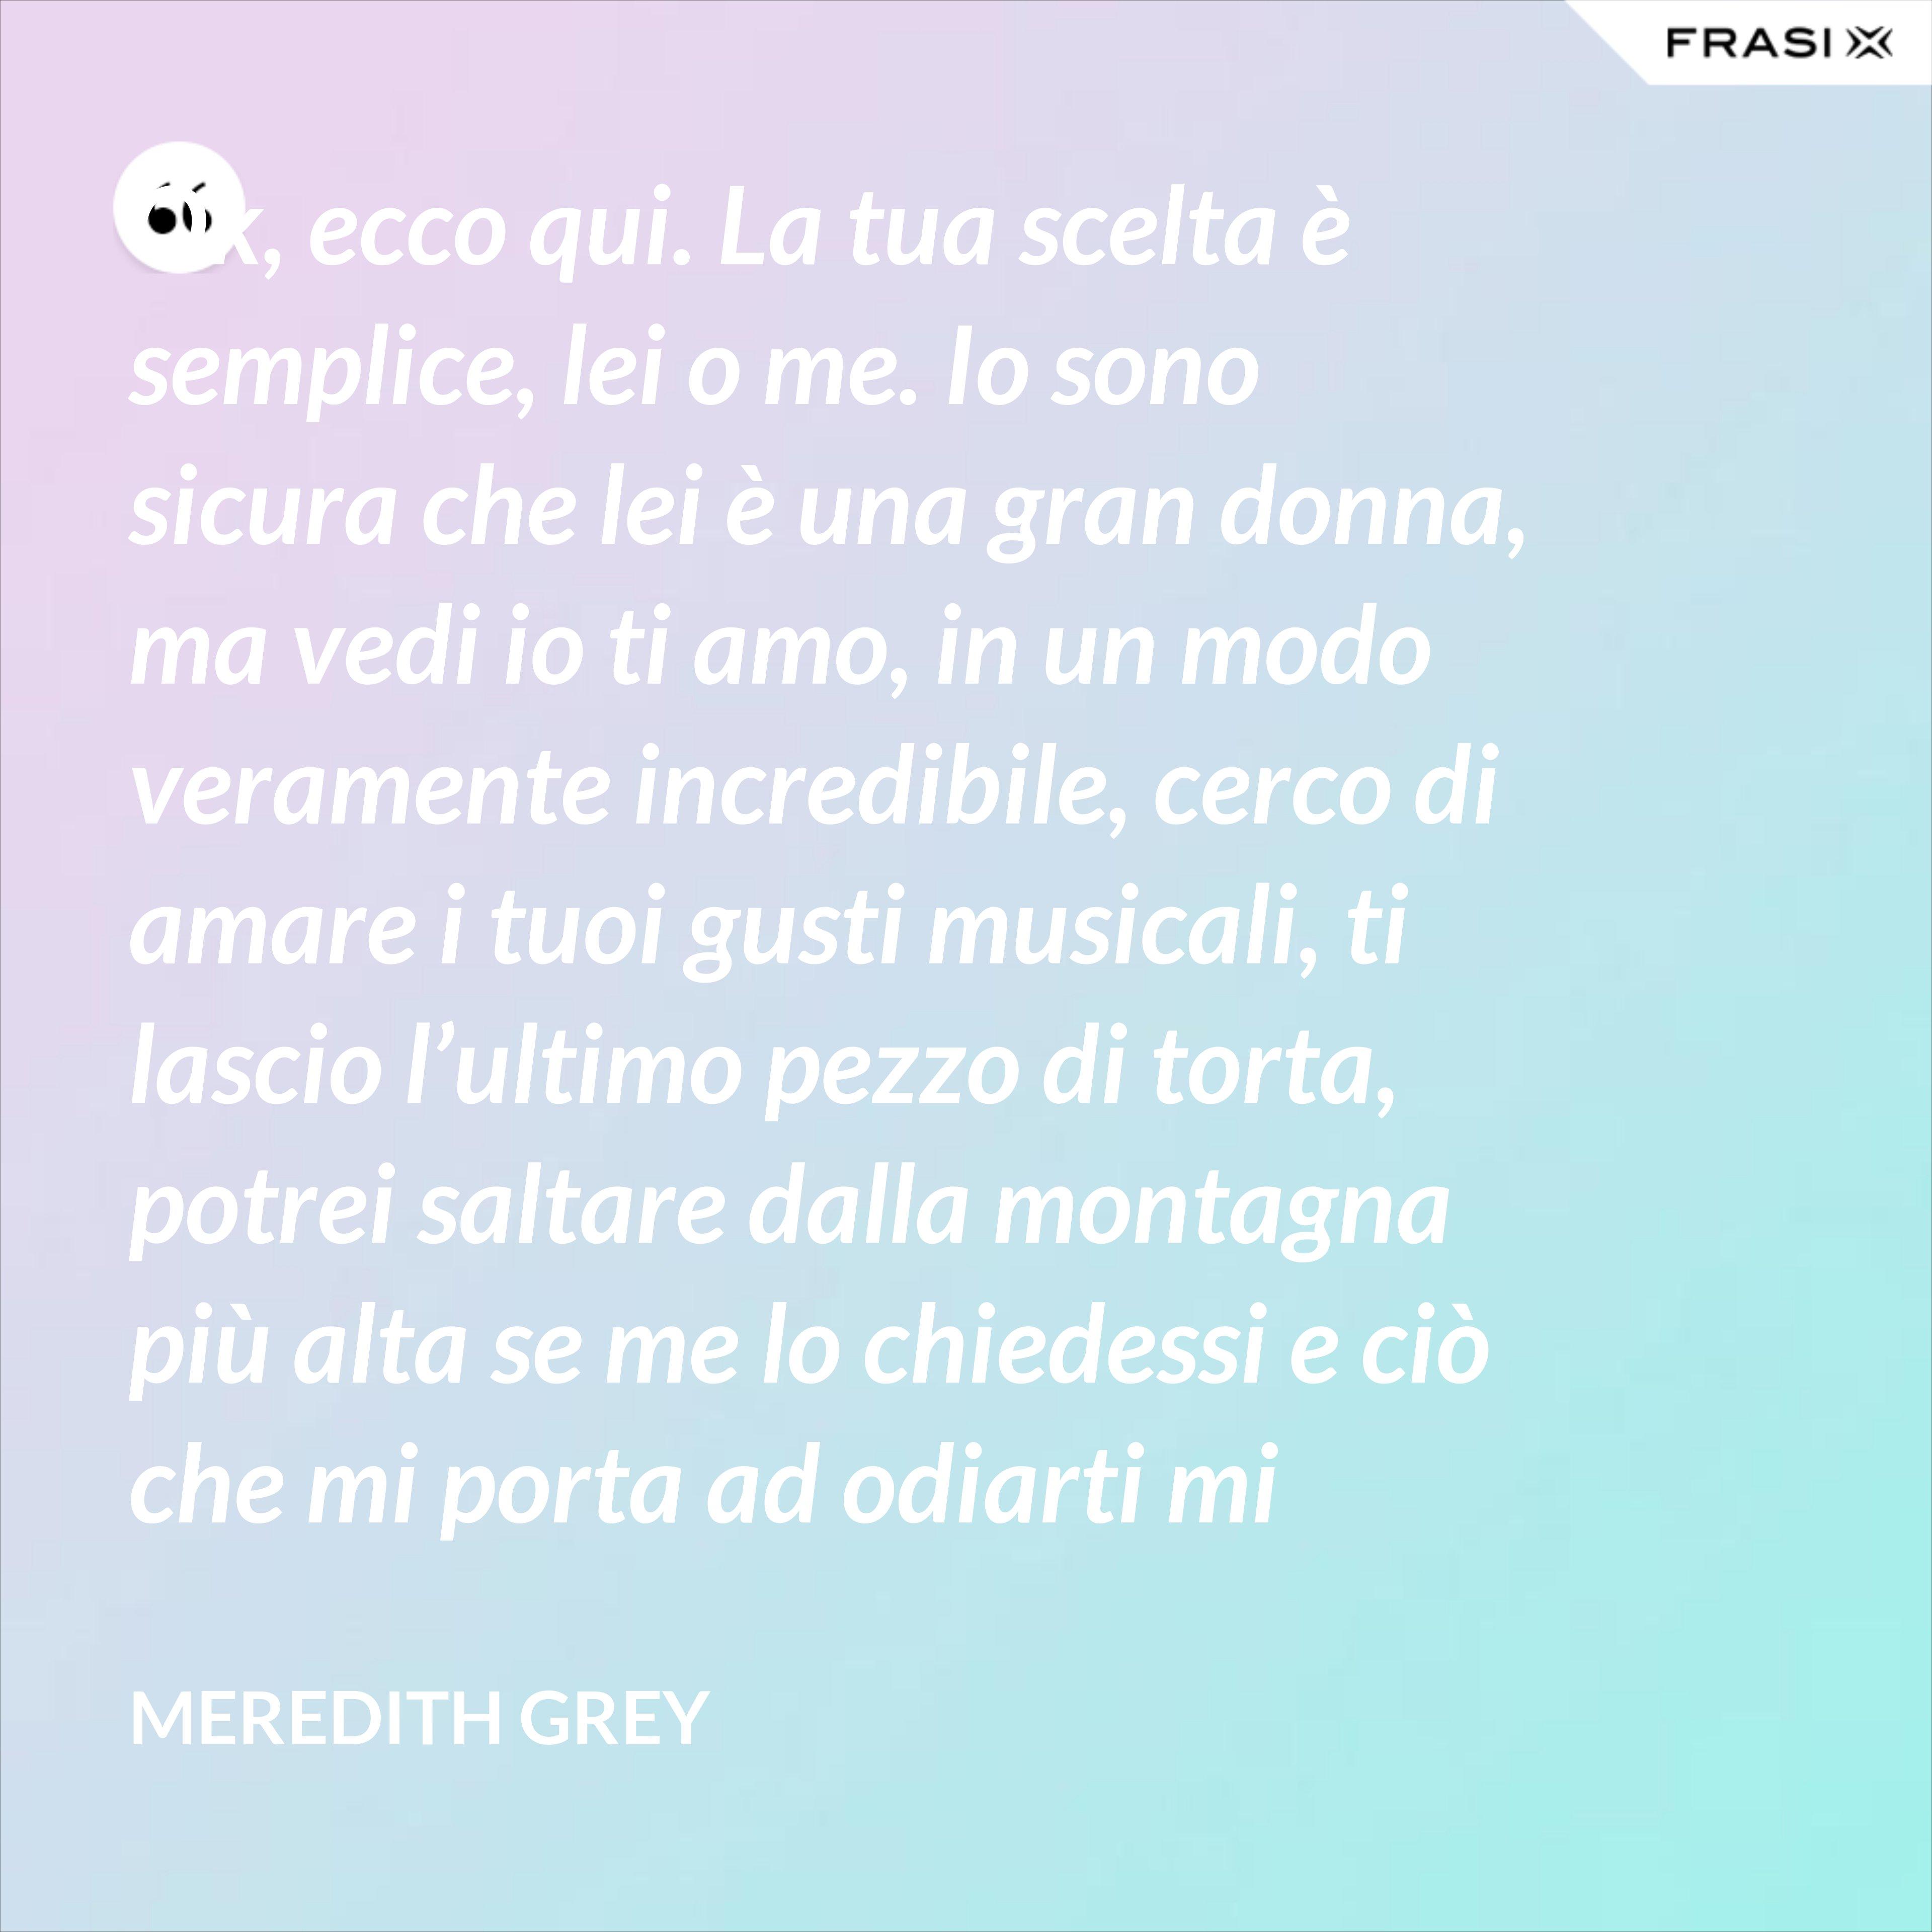 Ok, ecco qui. La tua scelta è semplice, lei o me. Io sono sicura che lei è una gran donna, ma vedi io ti amo, in un modo veramente incredibile, cerco di amare i tuoi gusti musicali, ti lascio l'ultimo pezzo di torta, potrei saltare dalla montagna più alta se me lo chiedessi e ciò che mi porta ad odiarti mi spinge ad amarti per cui prendi me, scegli me, ama me. - Meredith Grey